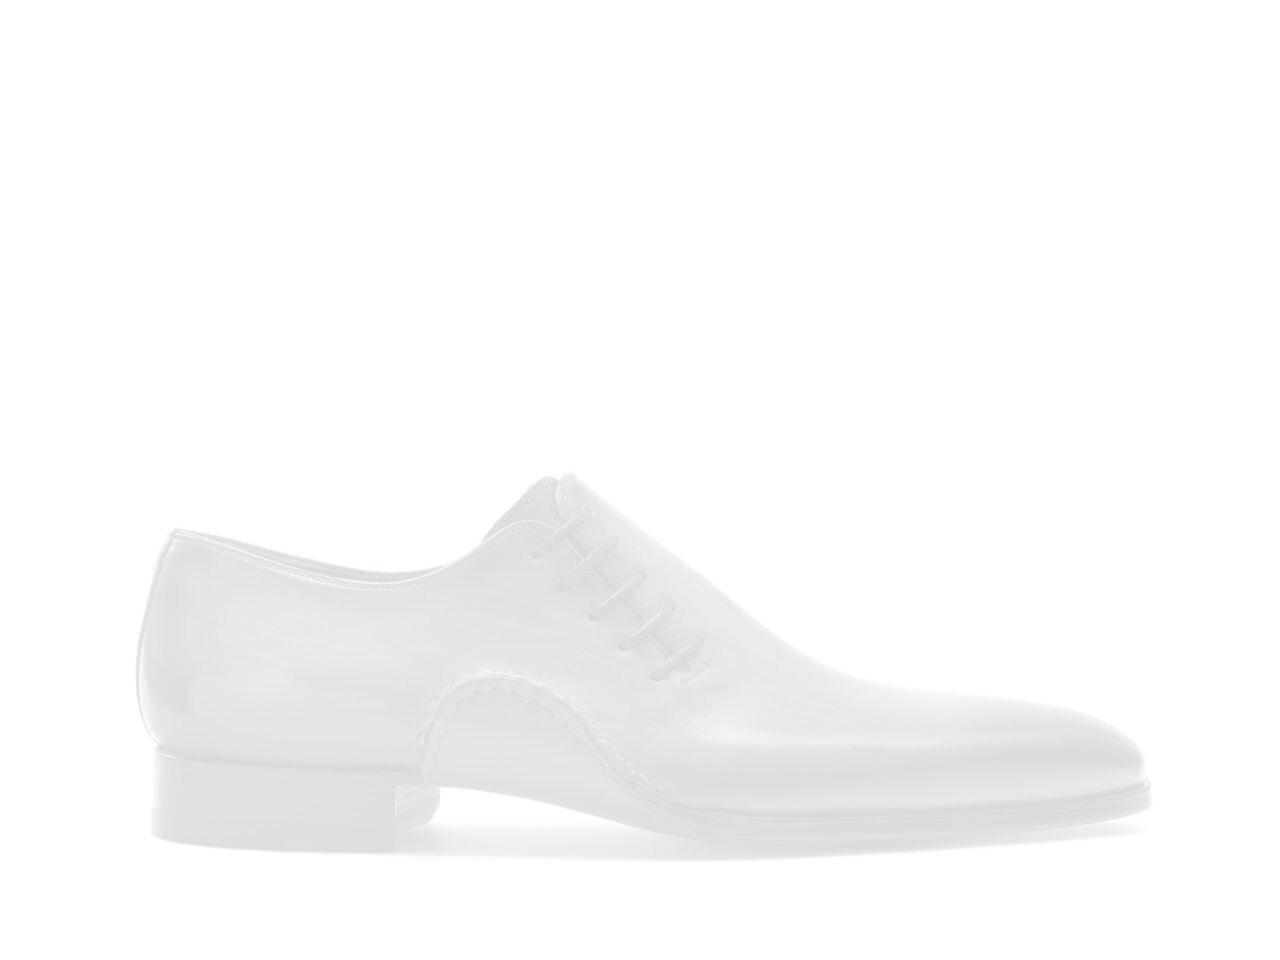 Pair of the Magnanni Vino Black Men's Velvet Loafers